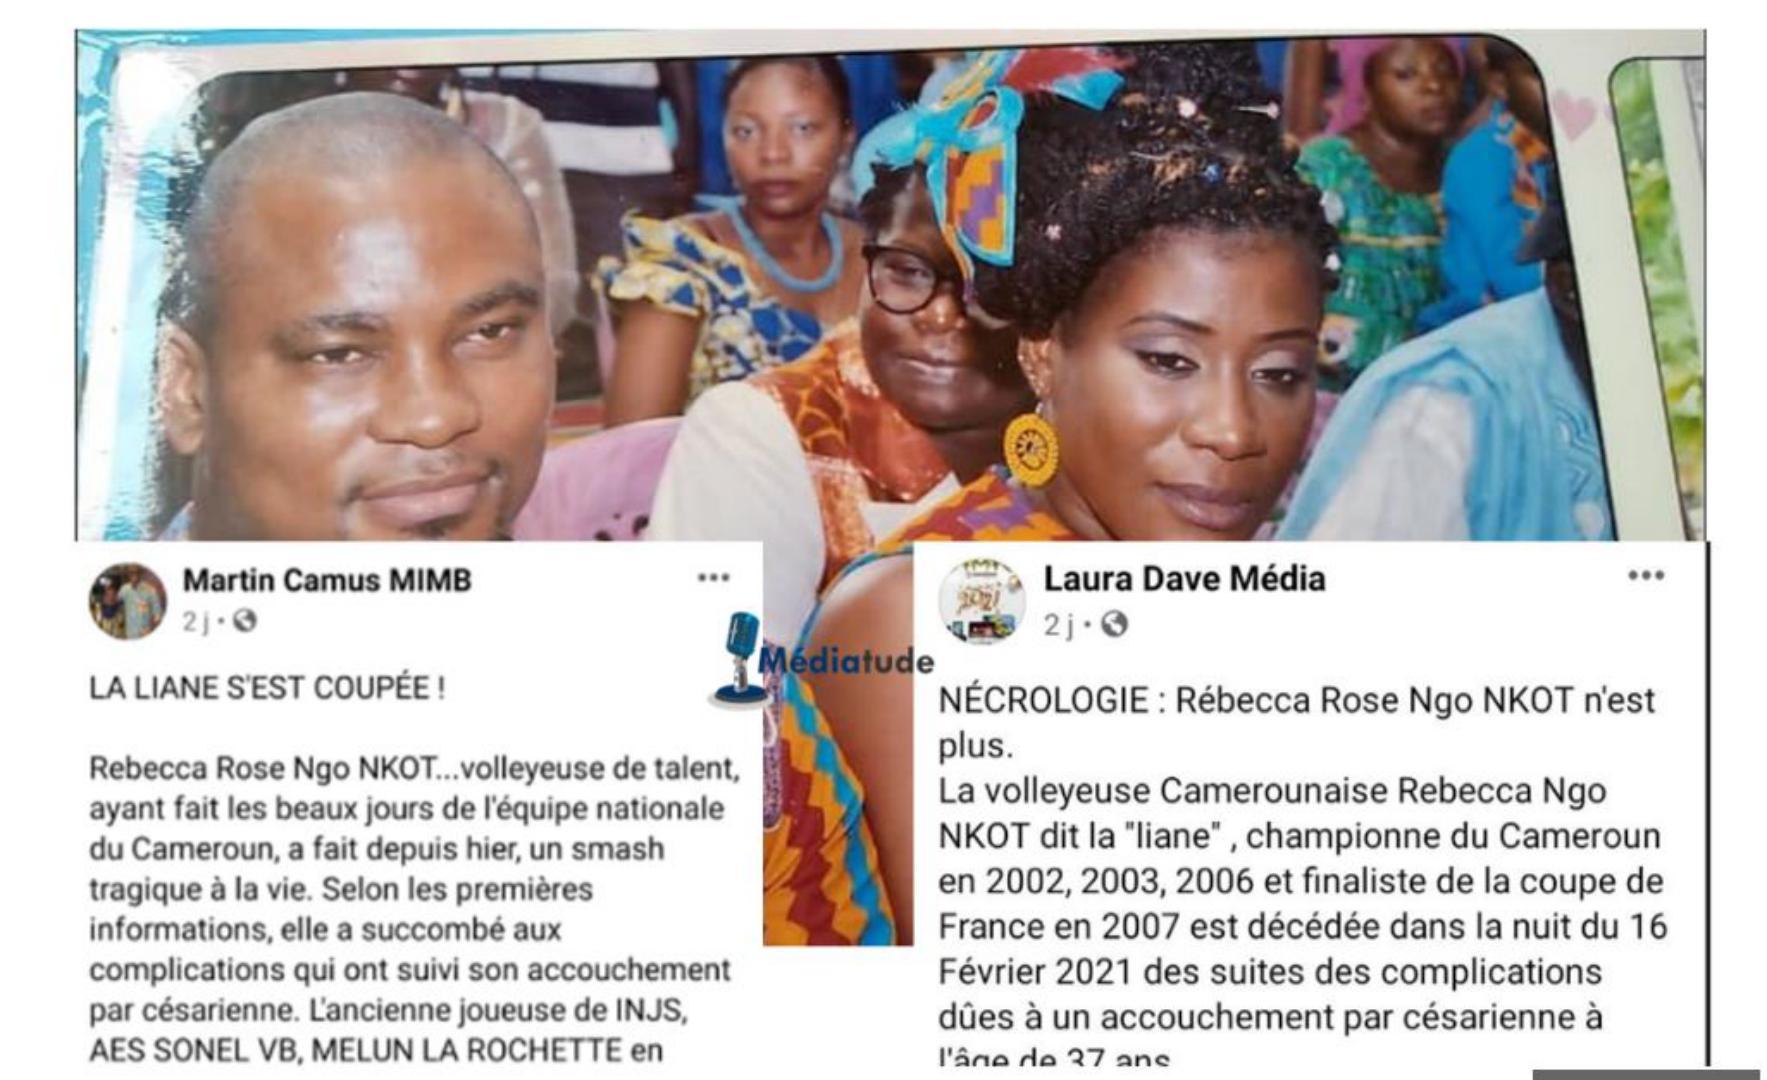 L'époux de la volleyeuse Rebecca Ngo Nkot accuse certains médias d'avoir menti sur les causes du décès de son épouse